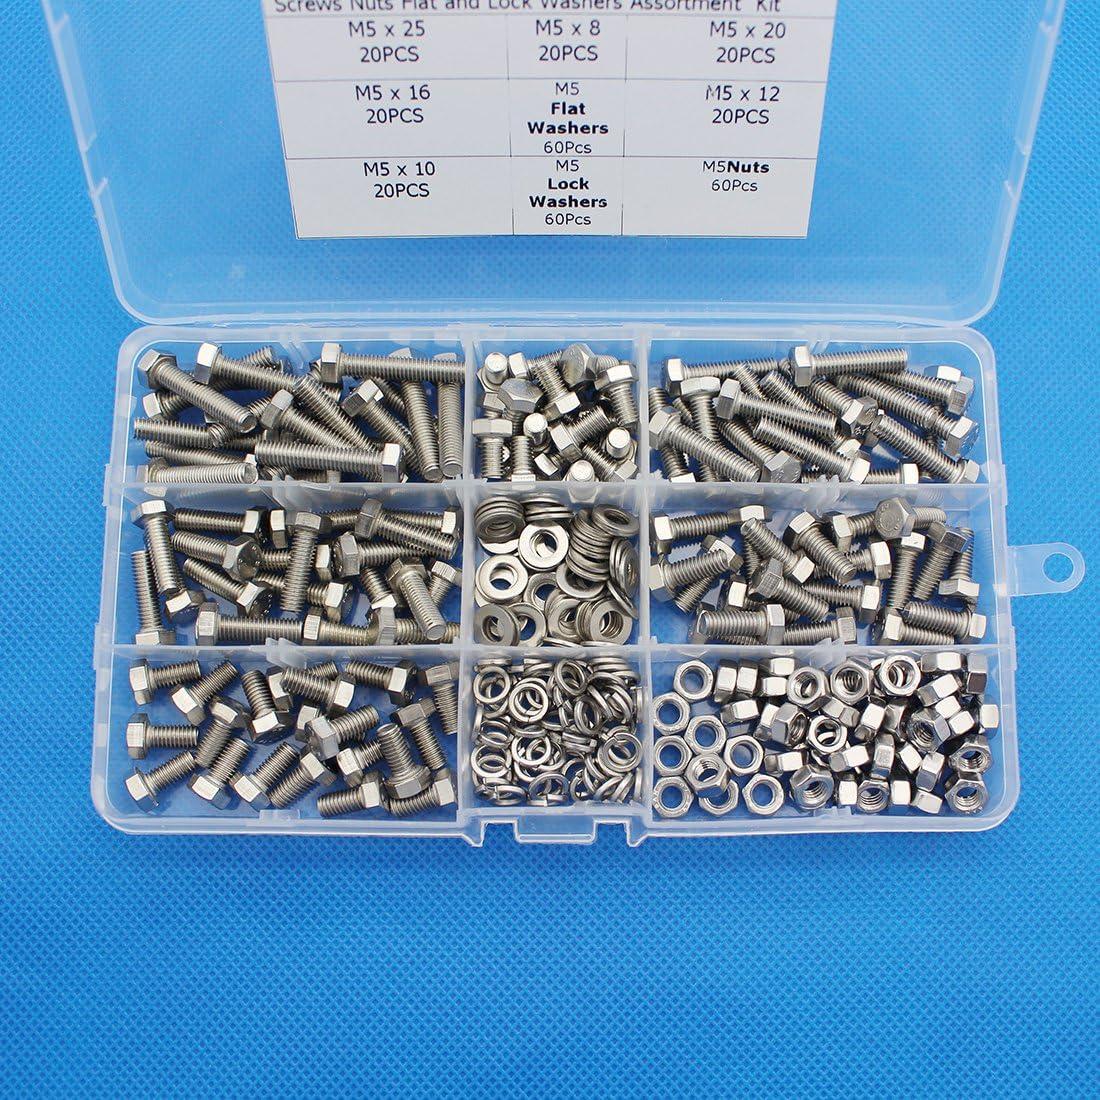 Raogoodcx 300Pcs M5 Stainless Steel Metric Hex Flat Head Bolts Screws 8mm 10mm 12mm 16mm 20mm 25mm Nuts Flat and Lock Washers Assortment Kit